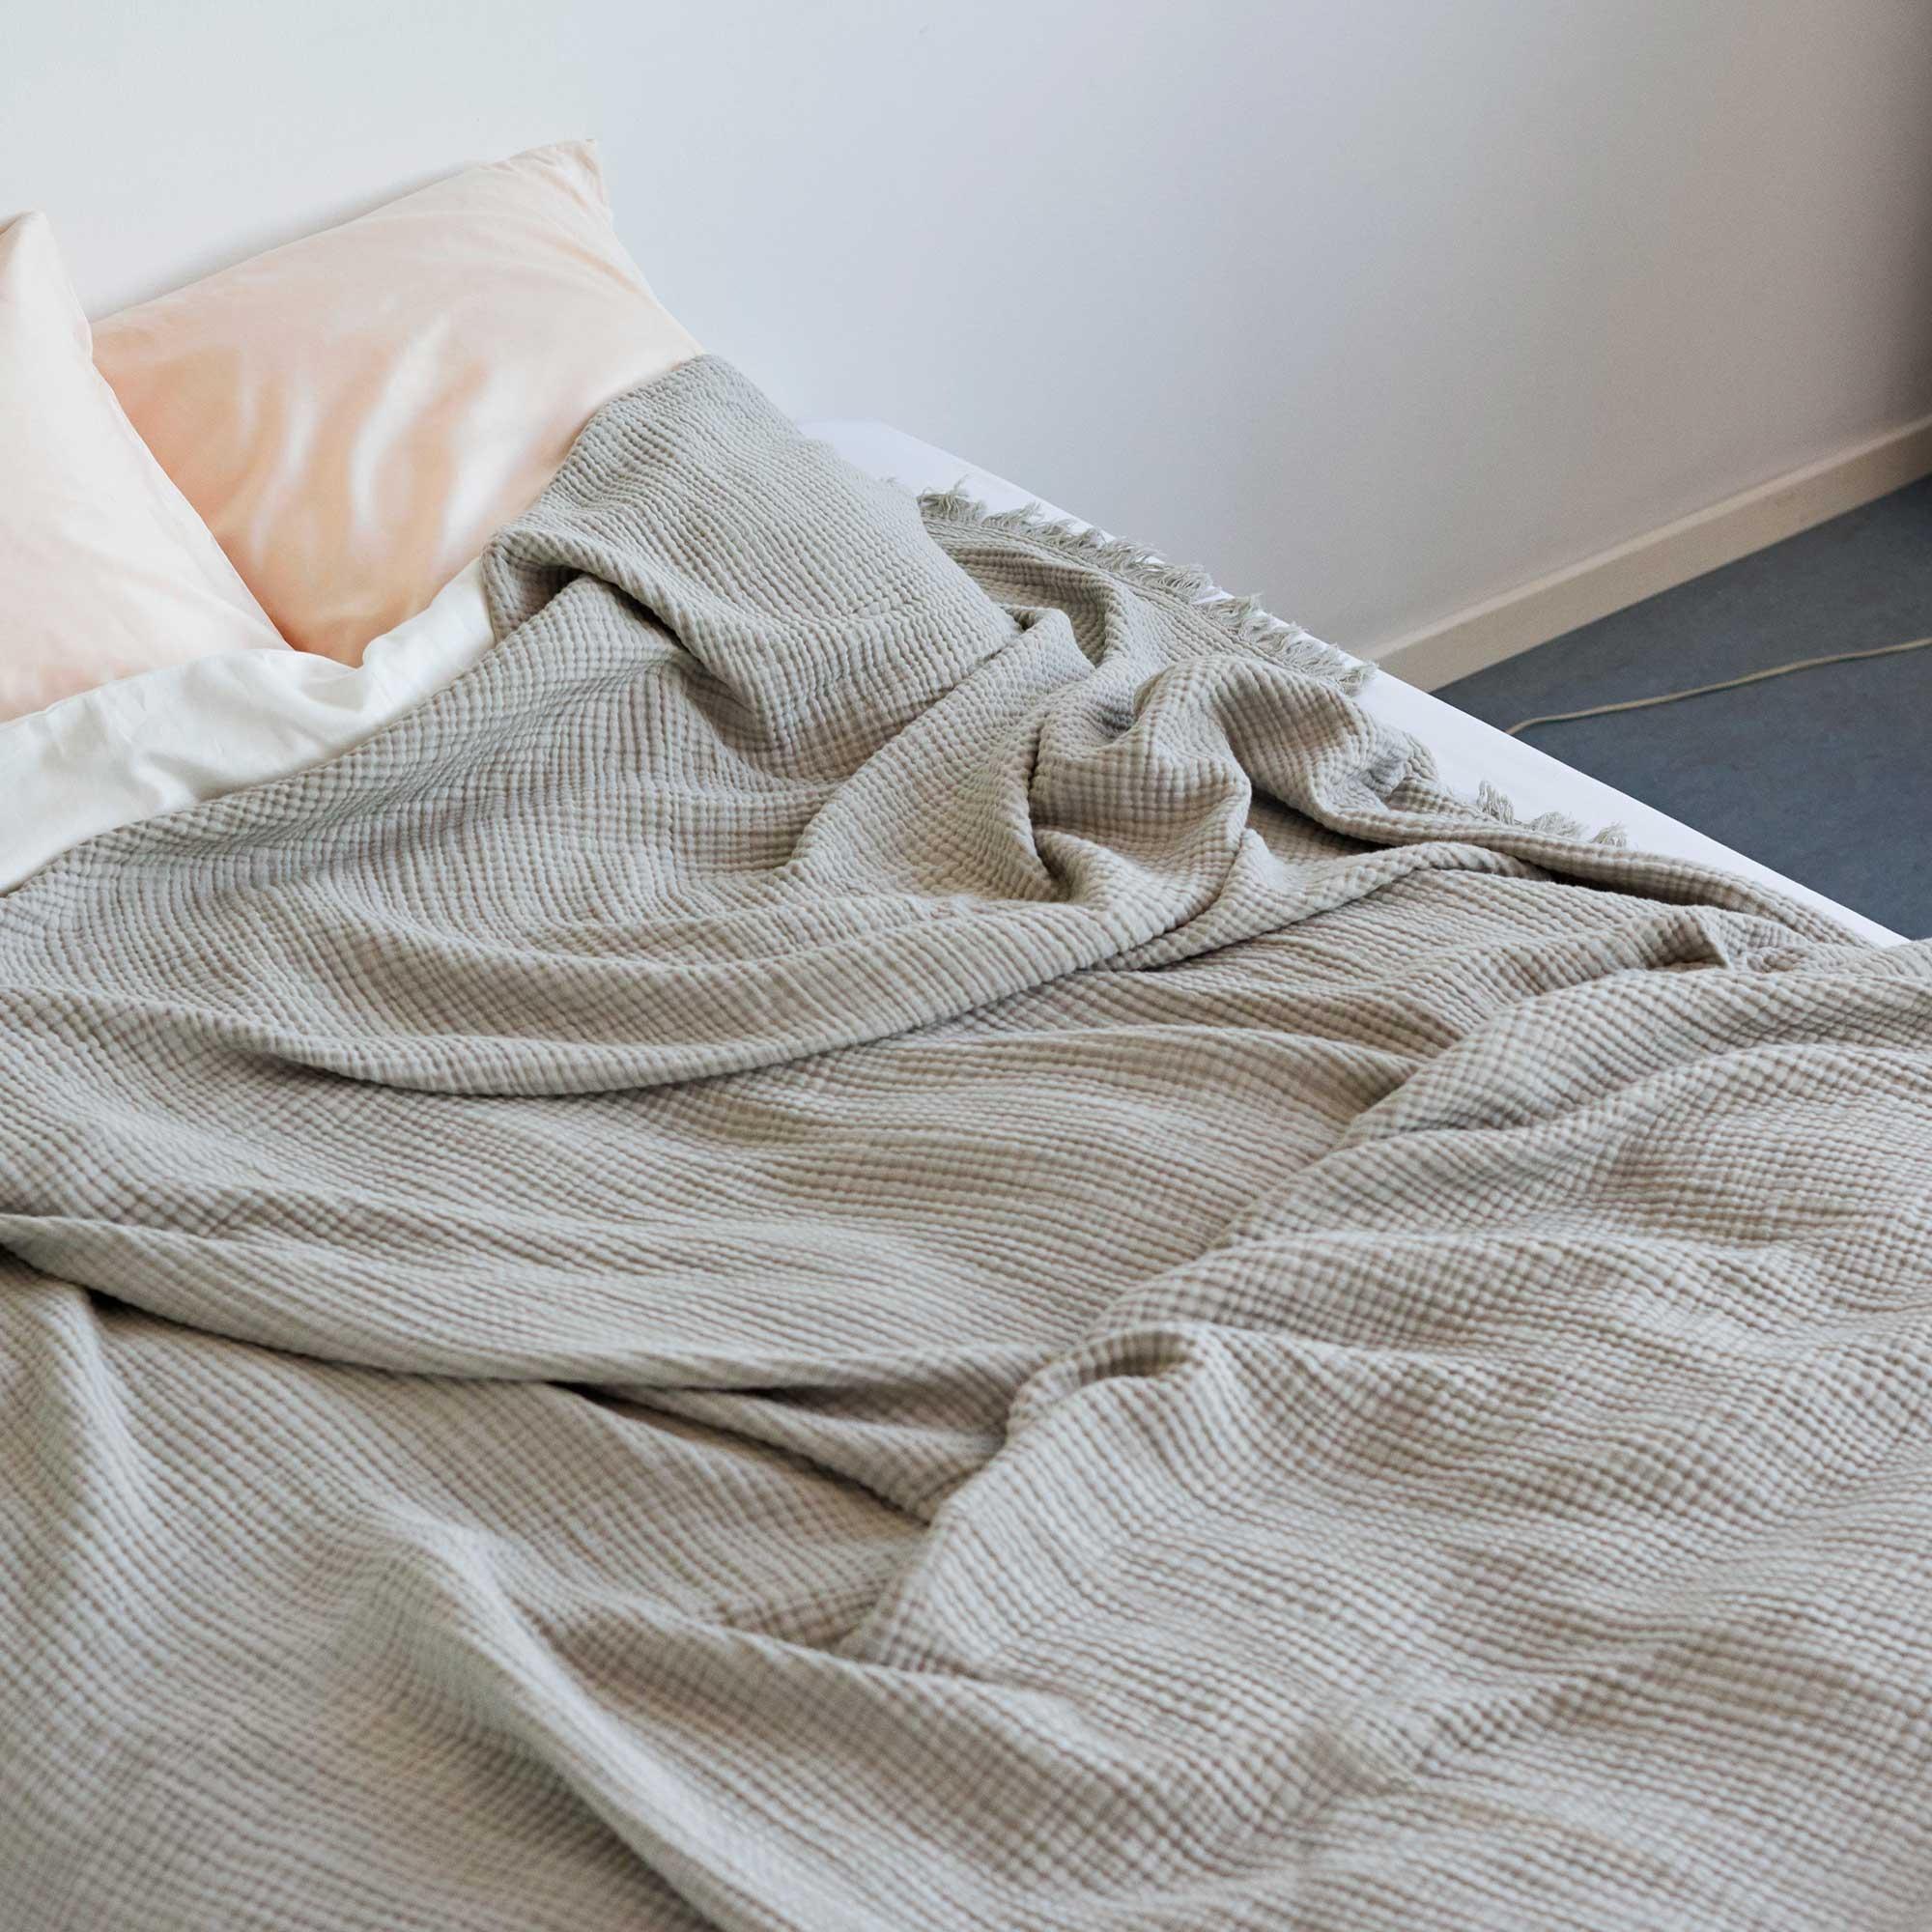 Full Size of Tagesdecke Bett Hay Crinkle Bettberwurf 270x270cm Ambientedirect 200x200 Mit Bettkasten Chesterfield Prinzessinen Stabiles 220 X 120x200 Romantisches Billige Bett Tagesdecke Bett